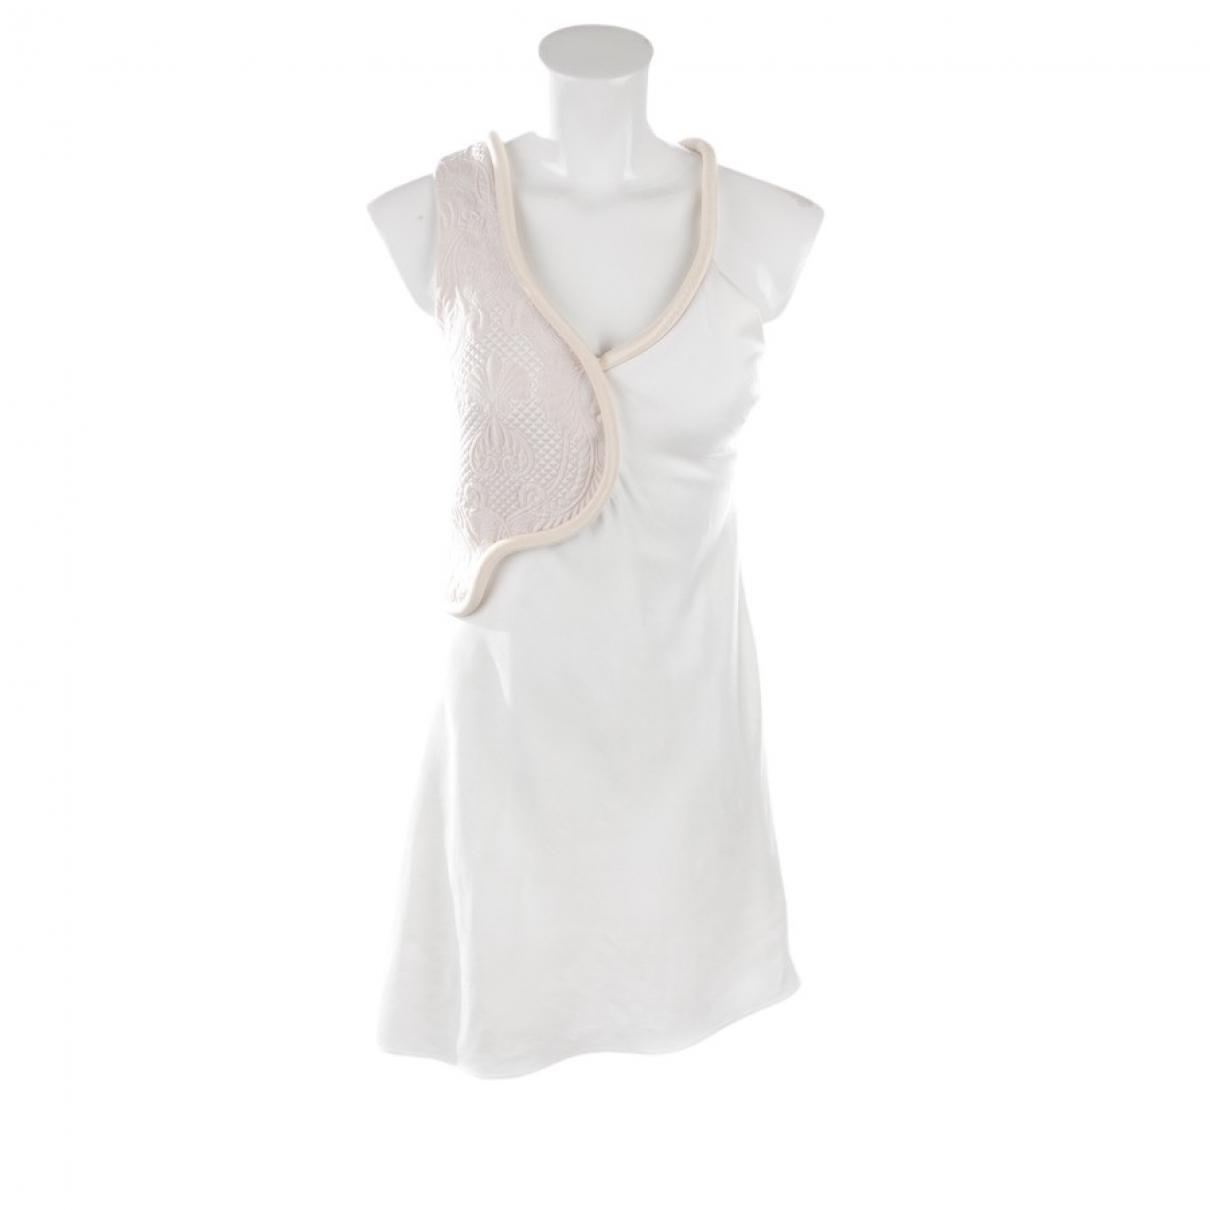 3.1 Phillip Lim \N White dress for Women 34 FR